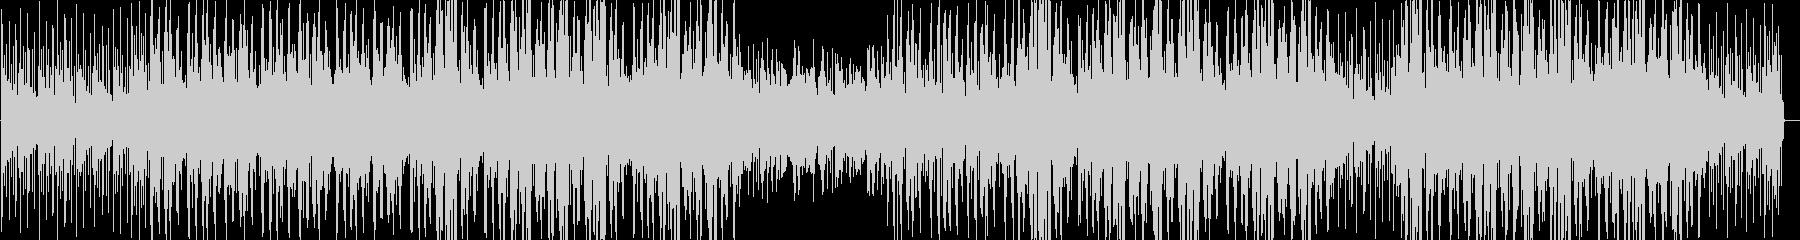 ジャジーでクール洋楽BGMアシッドジャズの未再生の波形